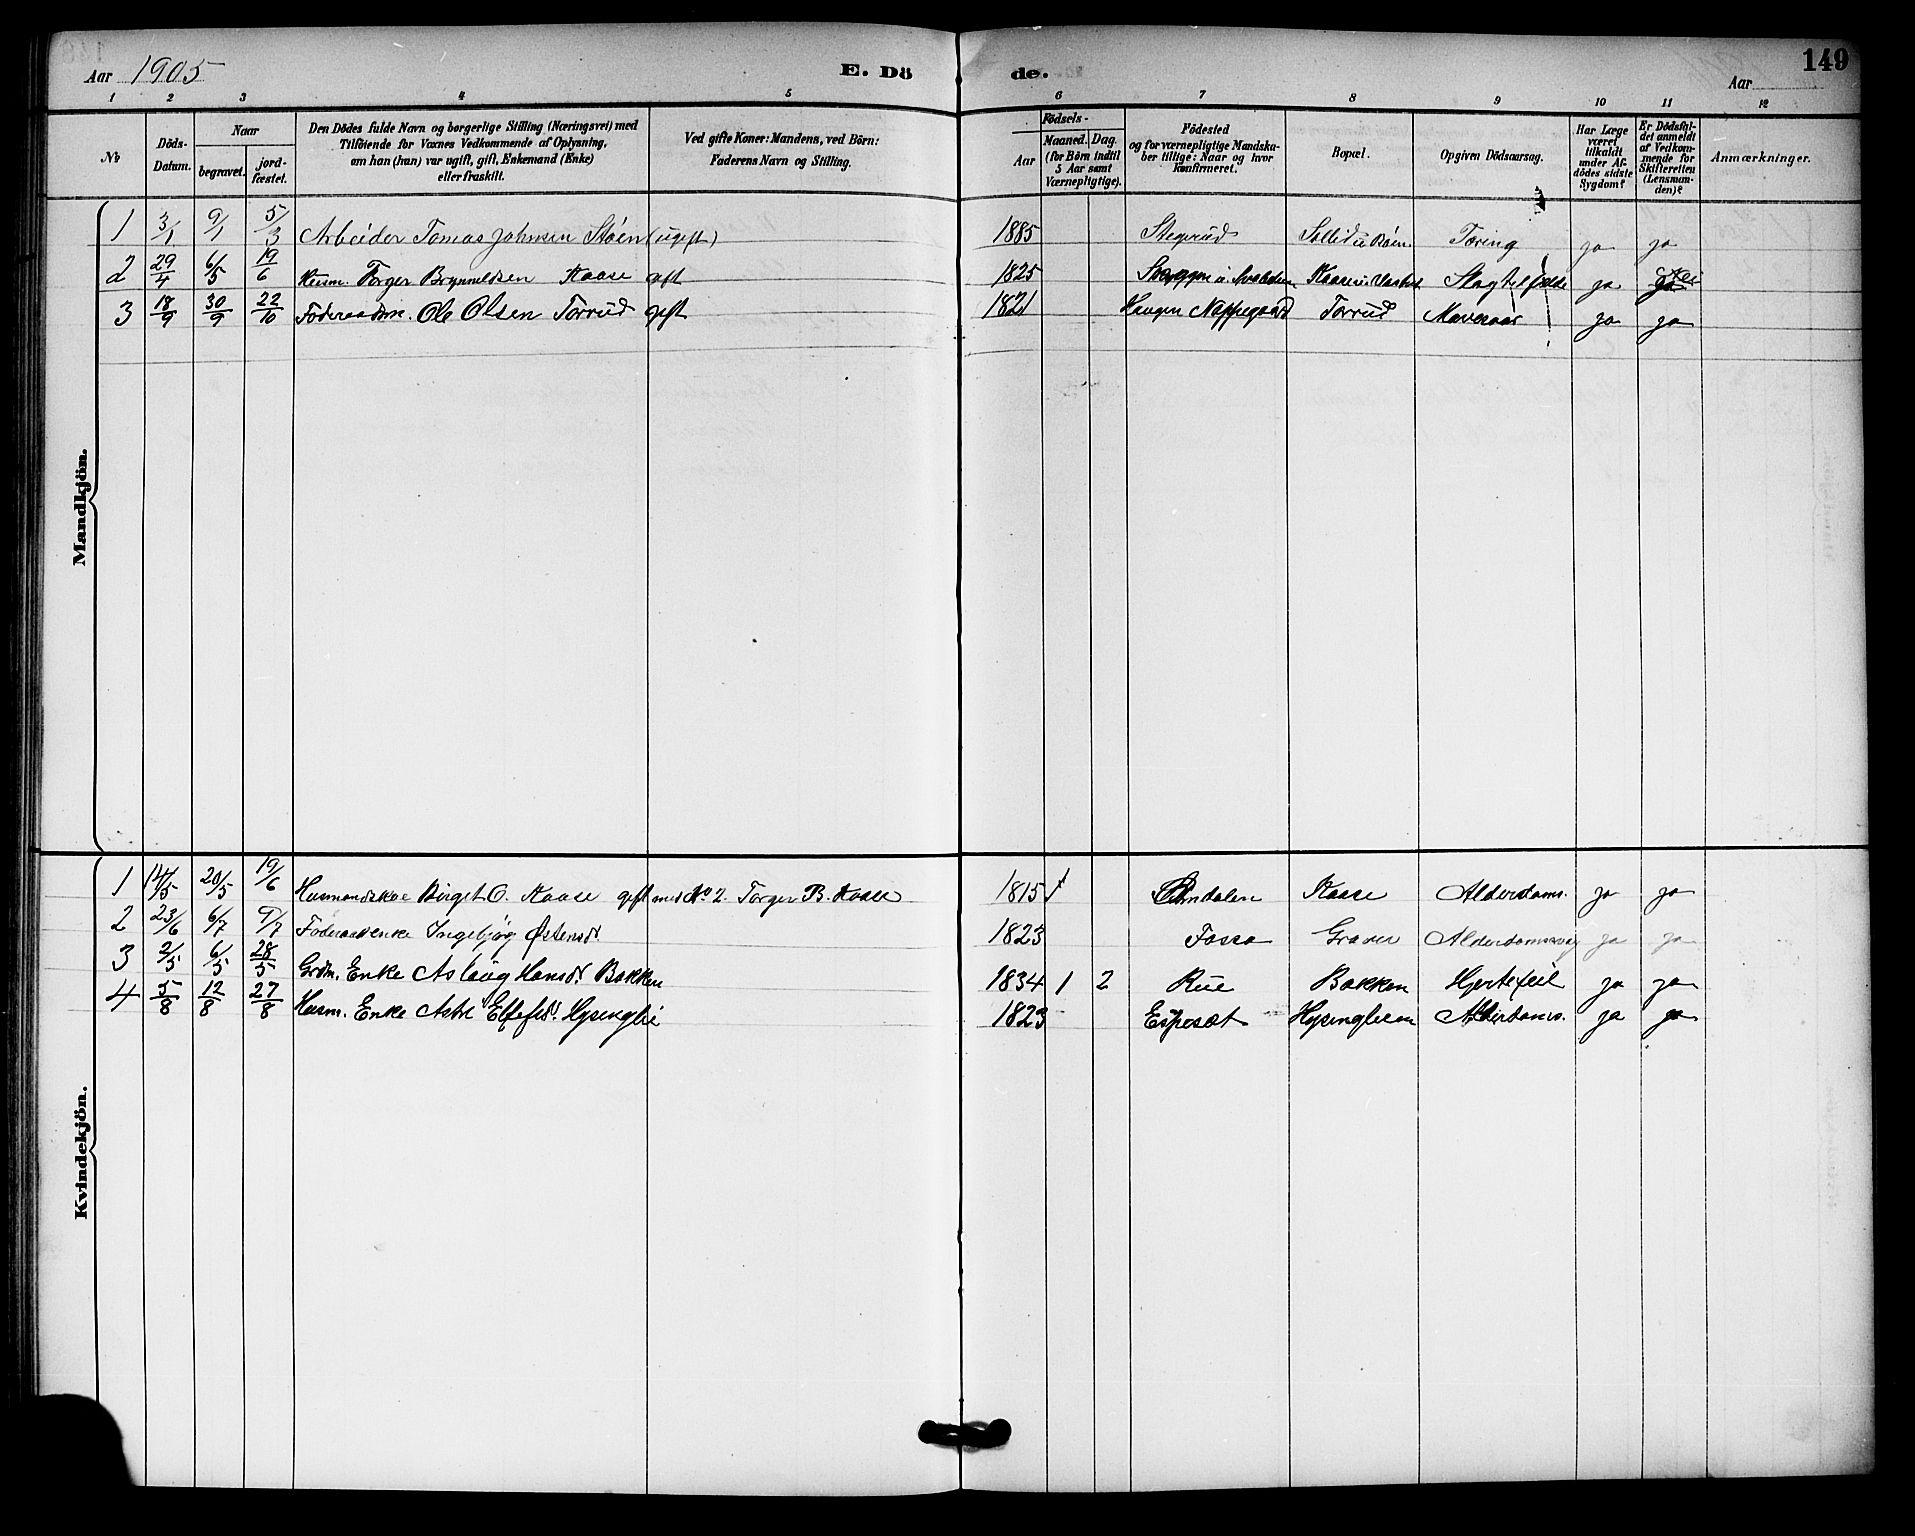 SAKO, Gransherad kirkebøker, G/Gb/L0003: Klokkerbok nr. II 3, 1887-1921, s. 149